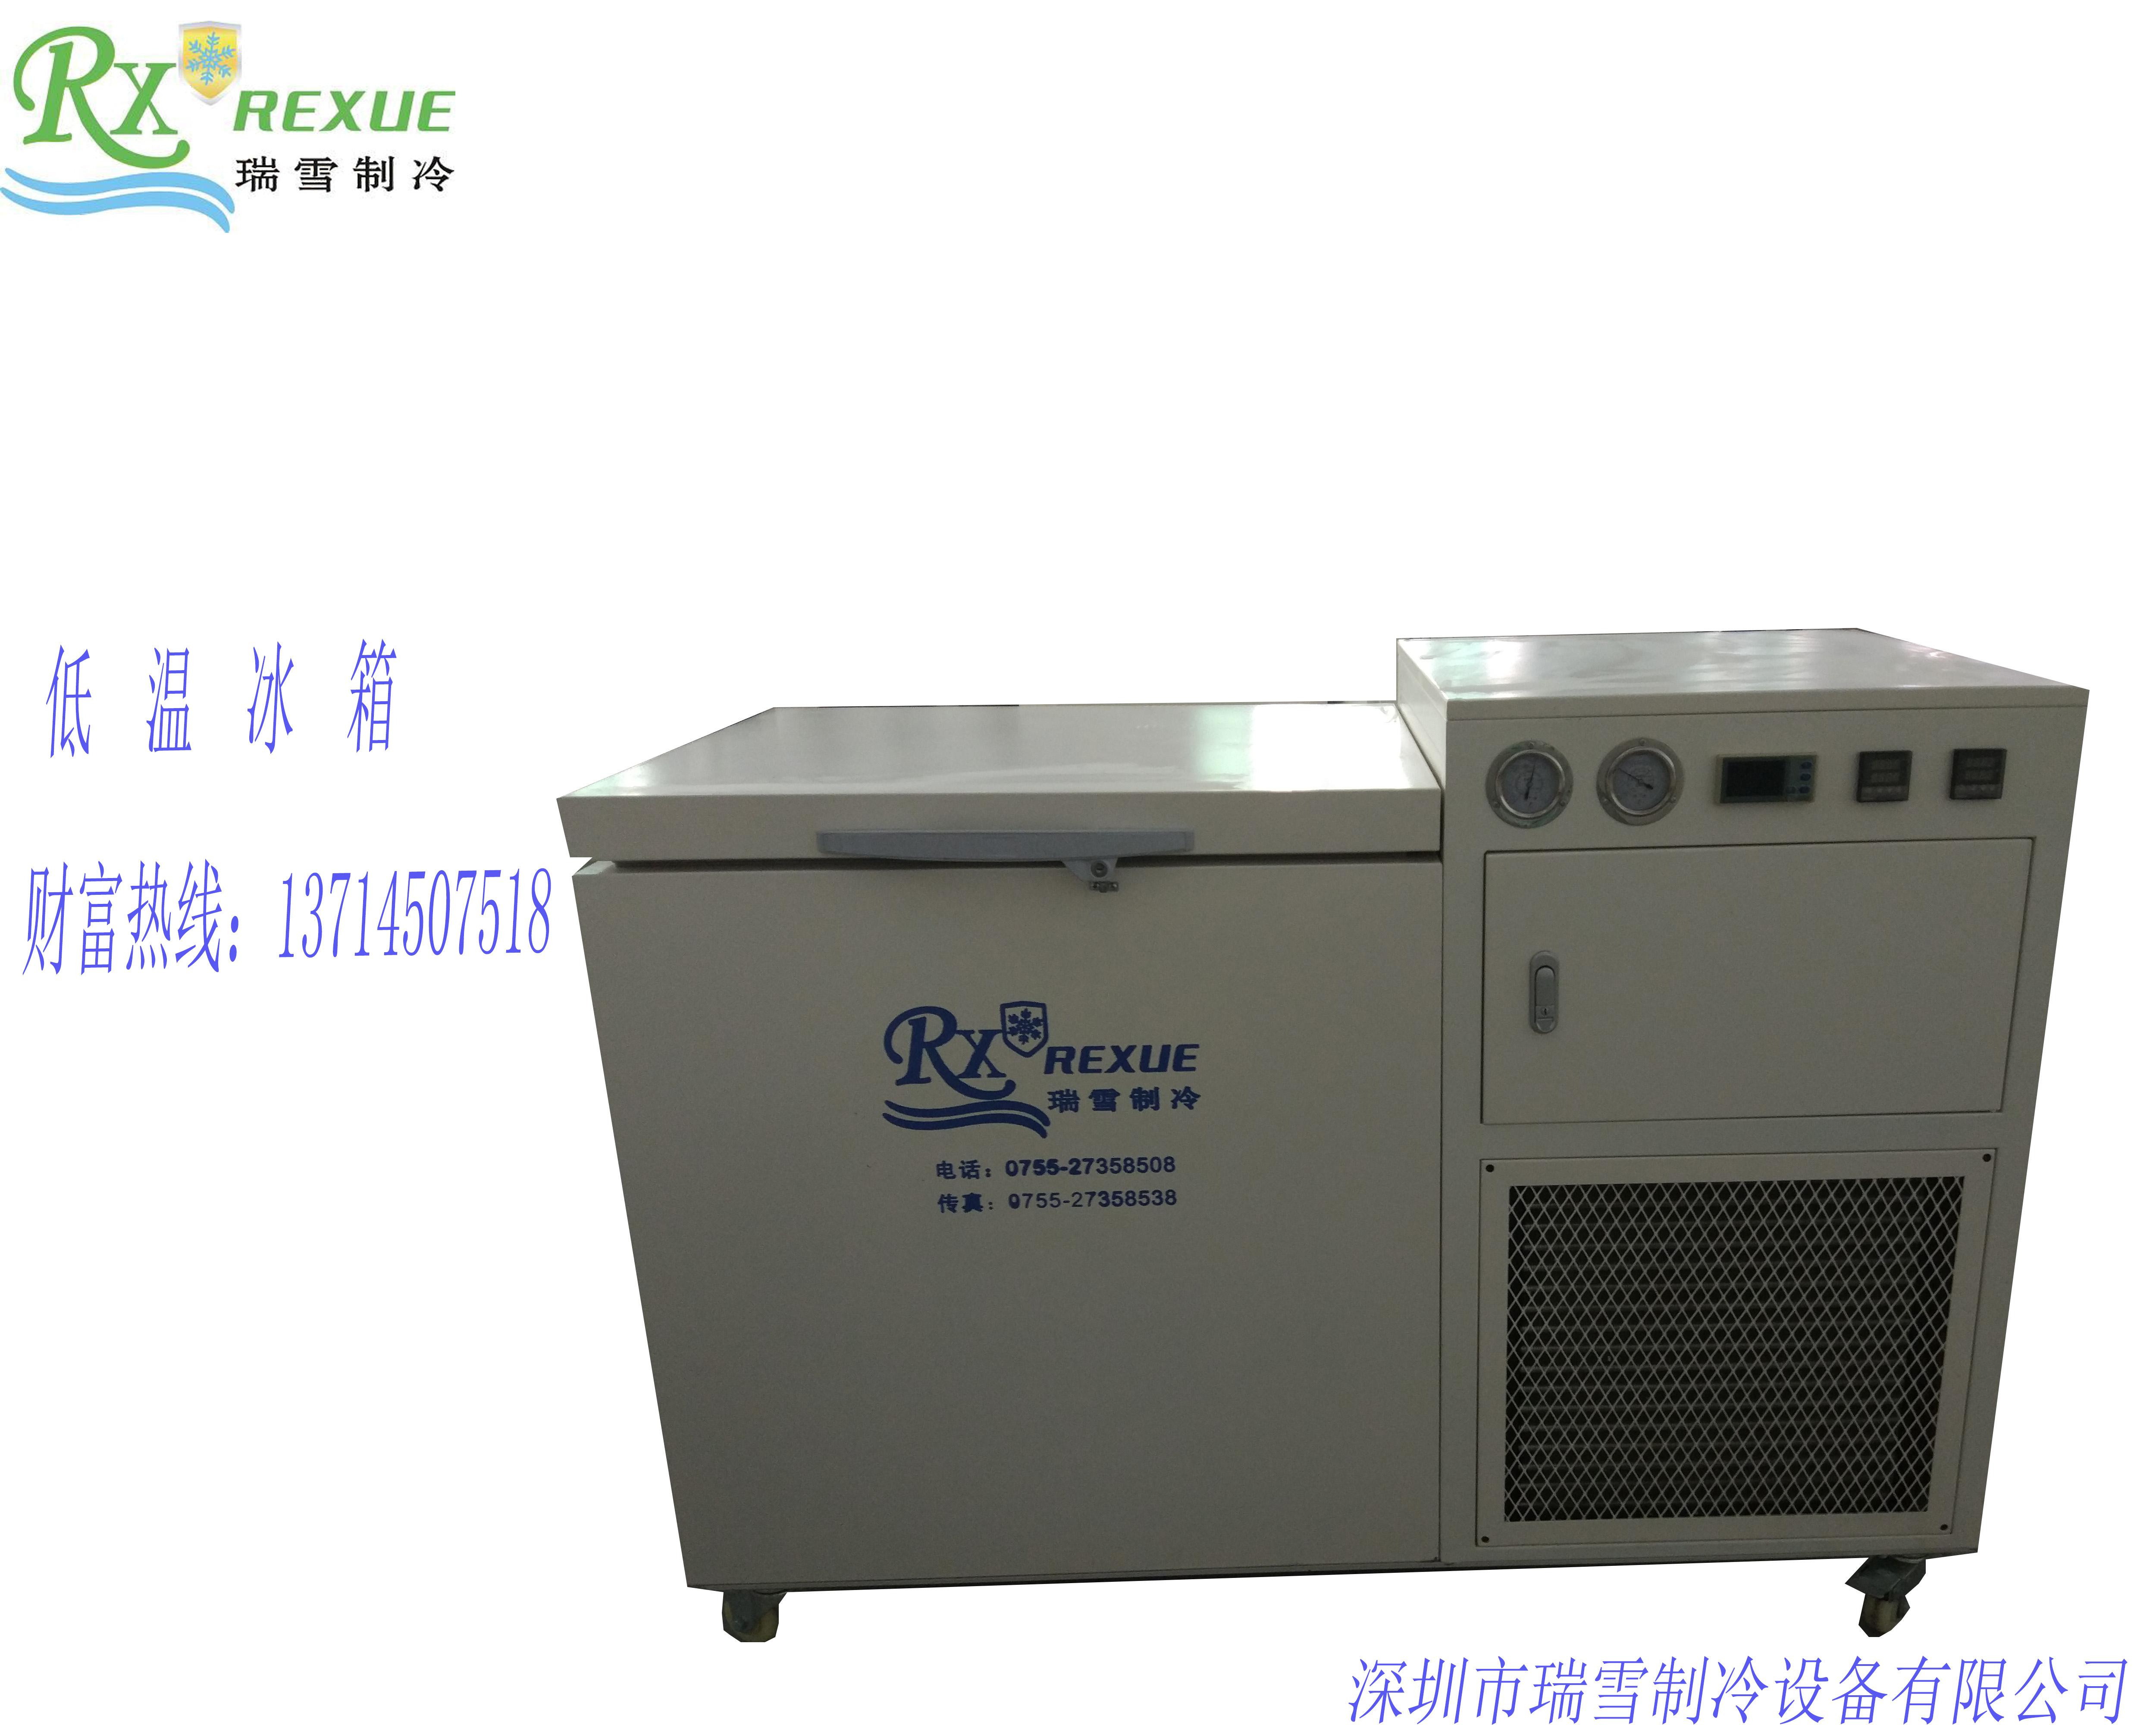 冷凍分離機